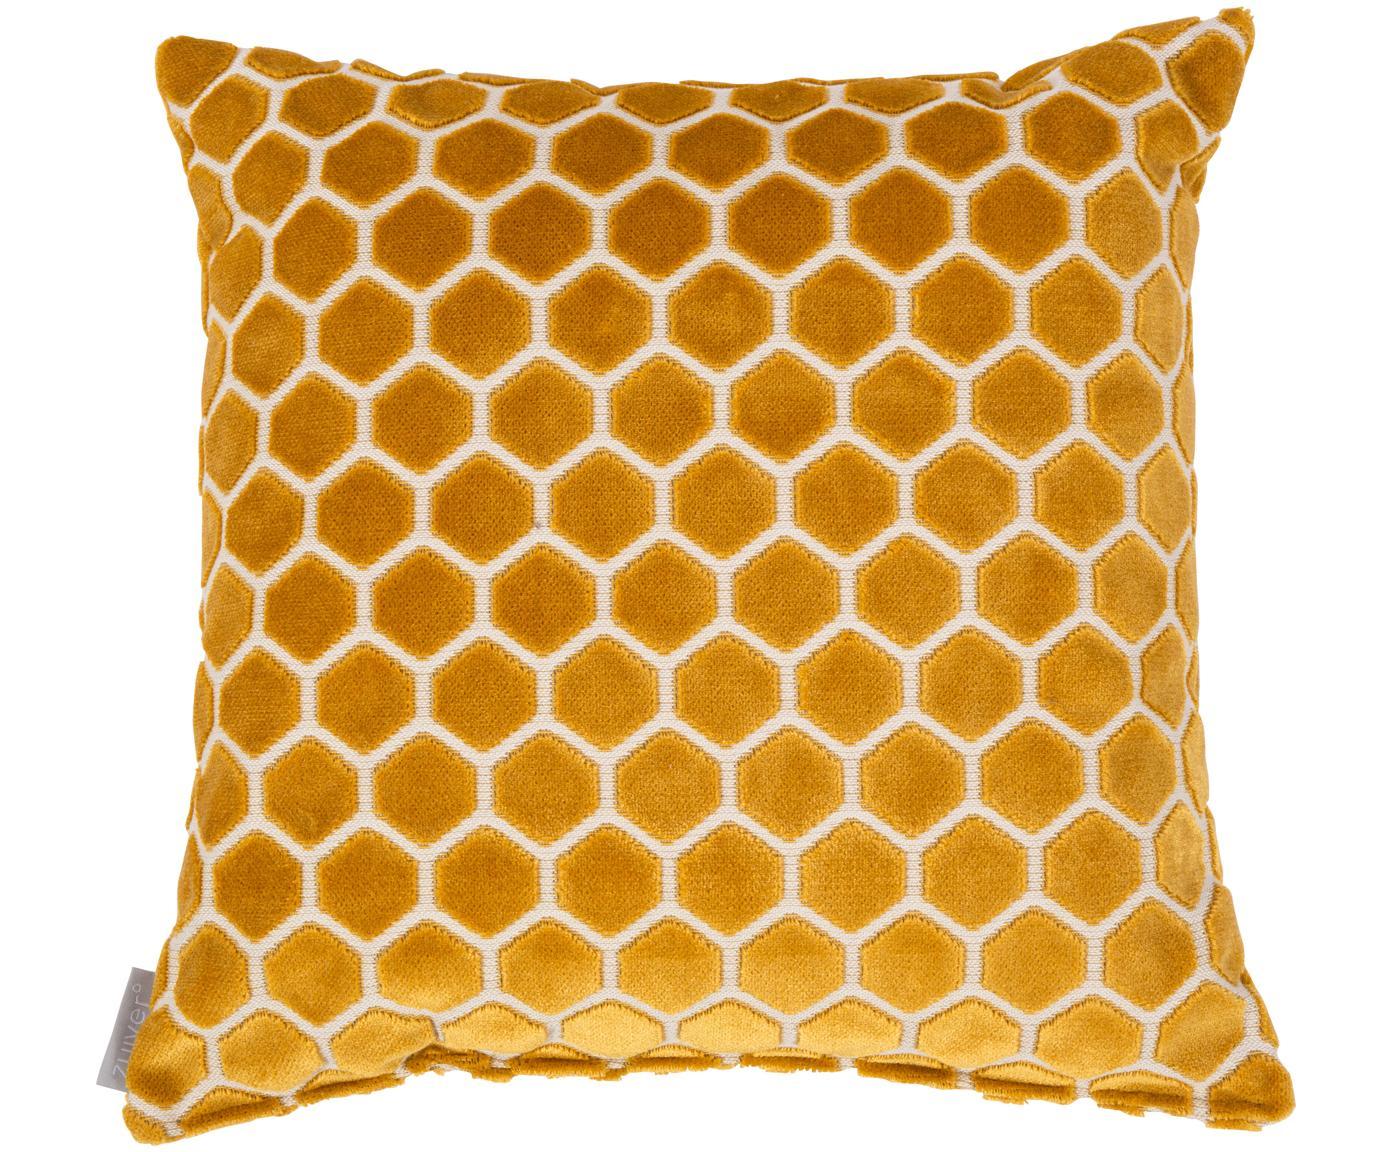 Kissen Monty mit grafischem Strukturmuster, mit Inlett, Bezug: 72% Viskose, 23% Polyeste, Gelb, Weiss, 45 x 45 cm